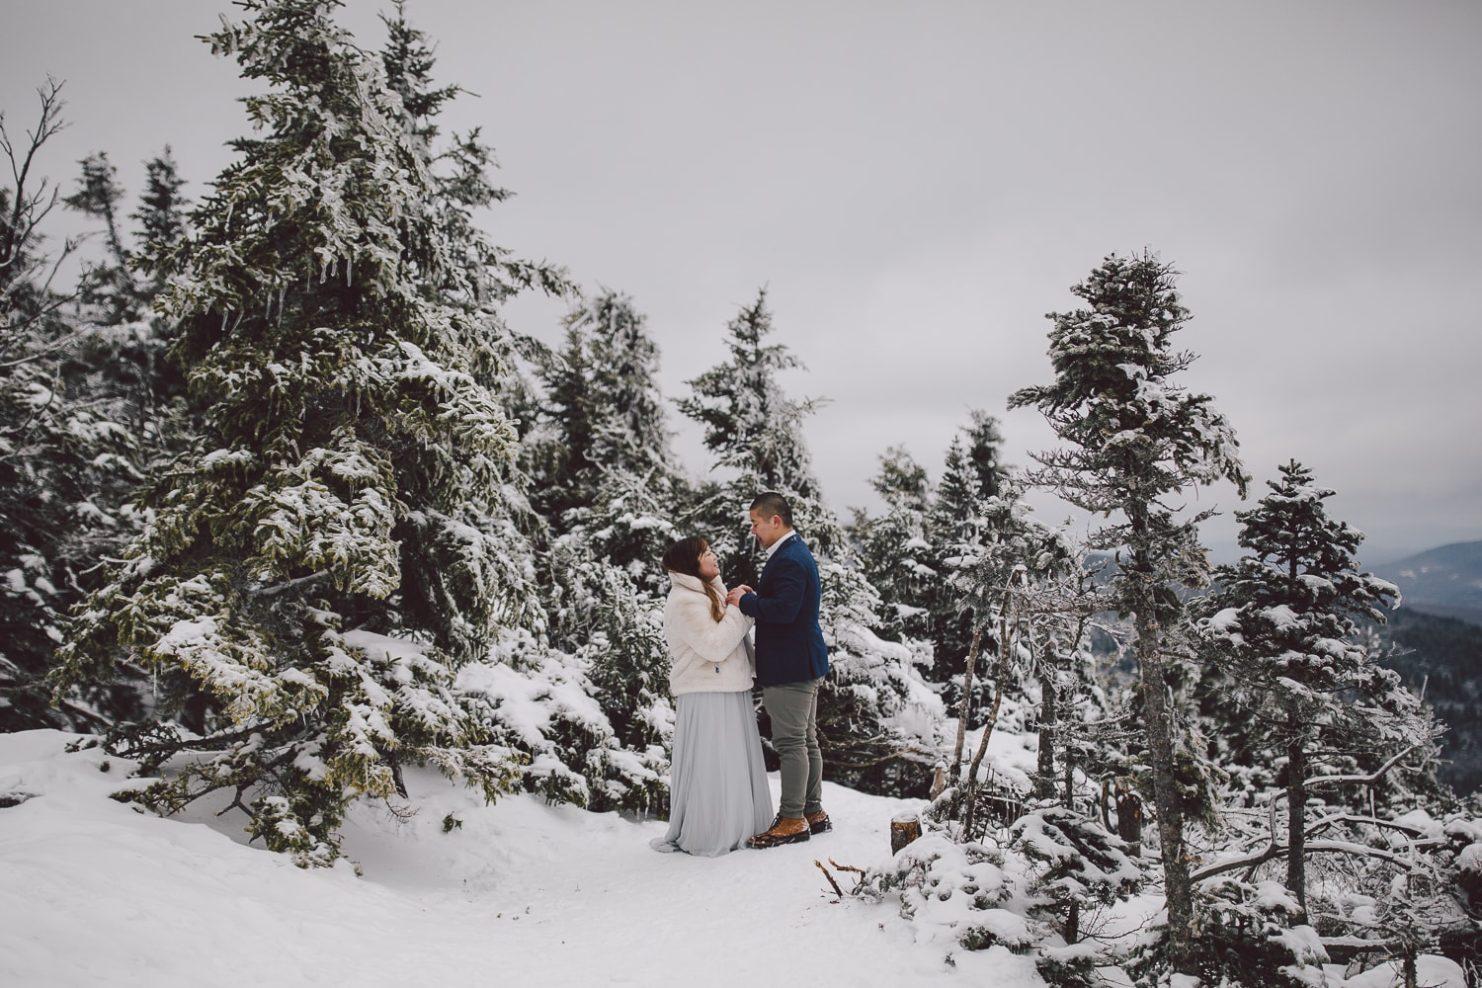 winter wonderland washington state mt rainier adventure elopement